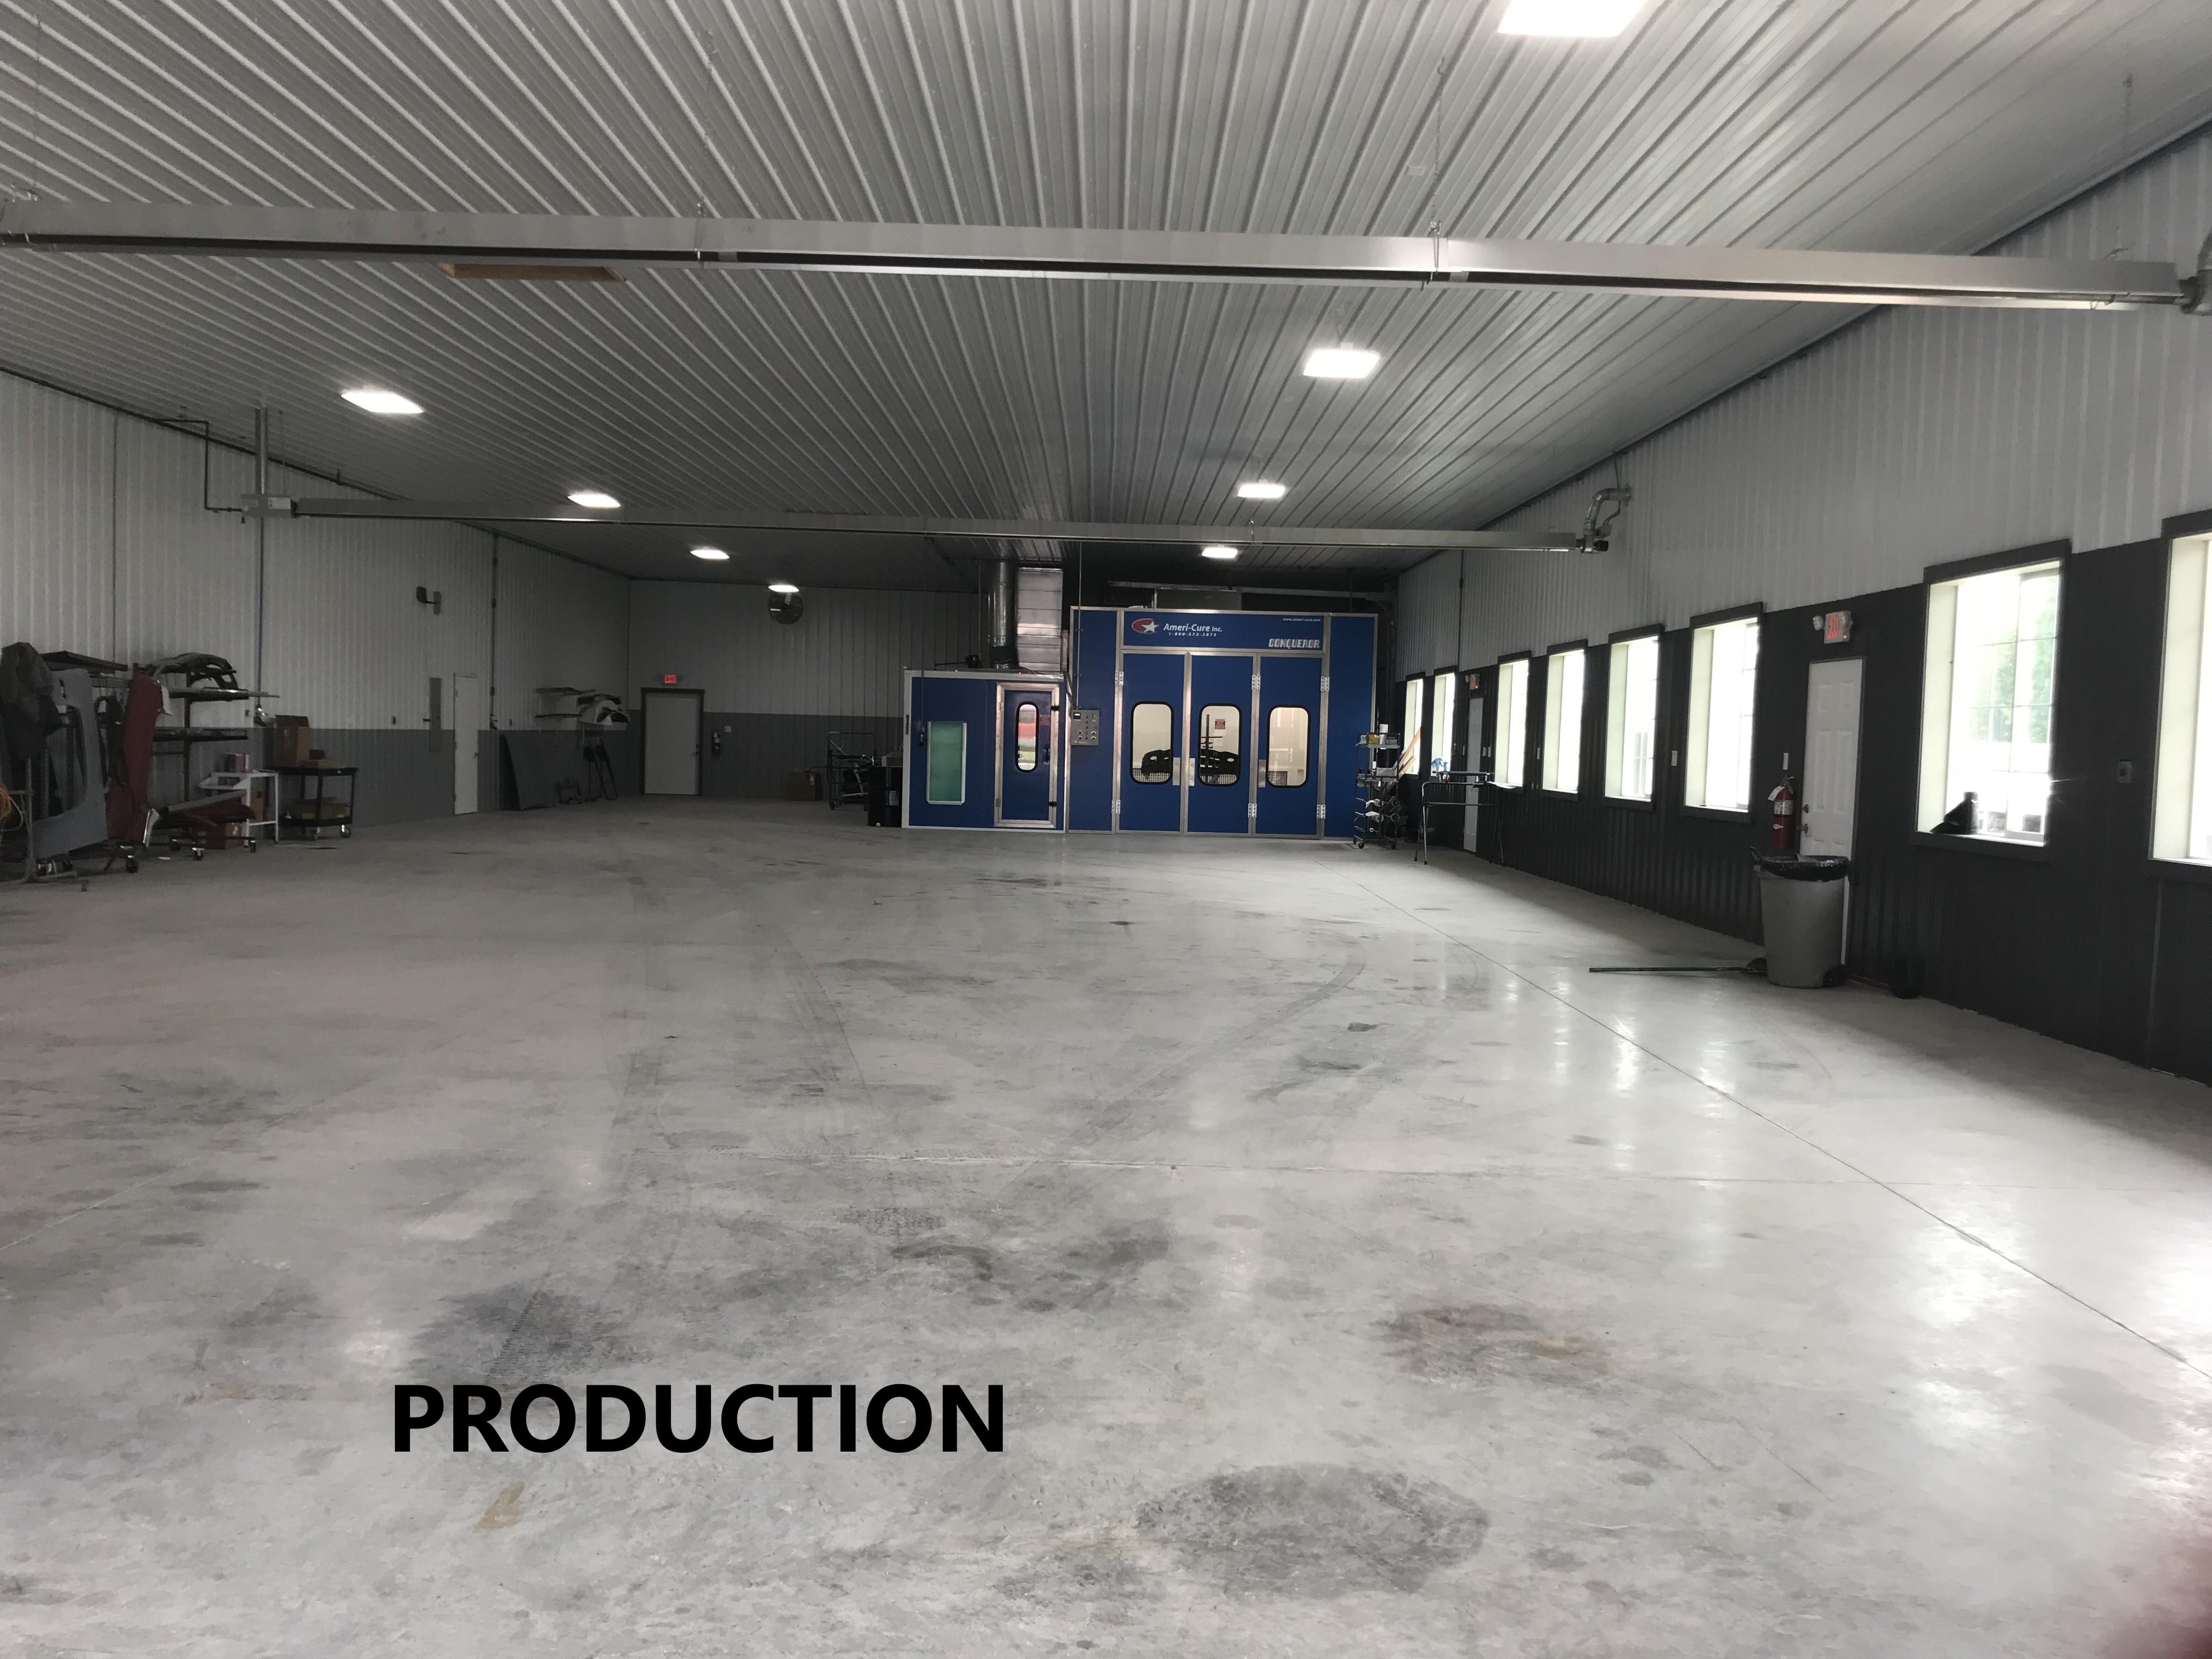 Carstar | Production Area